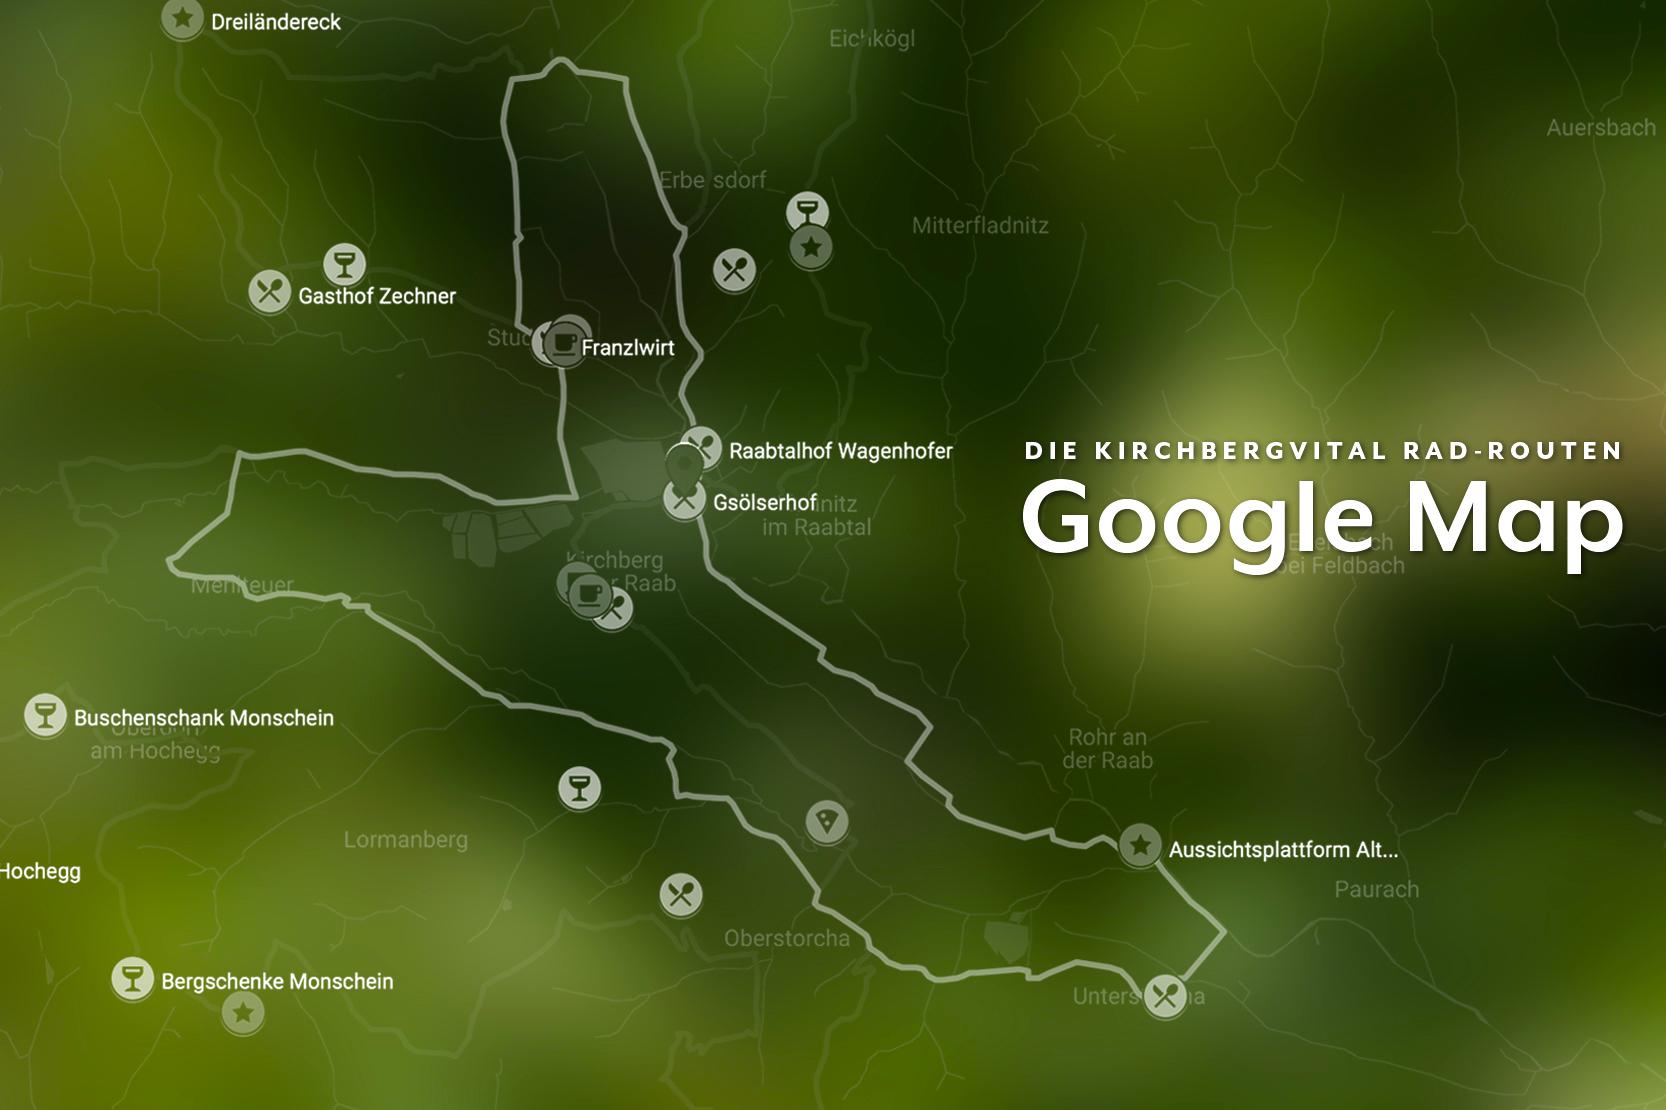 Rad-Routen Google Map - Unsere Google Map sorgt dafür, dass du die beiden Kirchbergvital Rad-Routen immer auf deinem Smartphone dabei hast - inklusive aller Einkehrmöglichkeiten und Points of Interest!Klicke oder tippe auf die bunten Symbole, um mehr über die jeweiligen POIs zu erfahren.